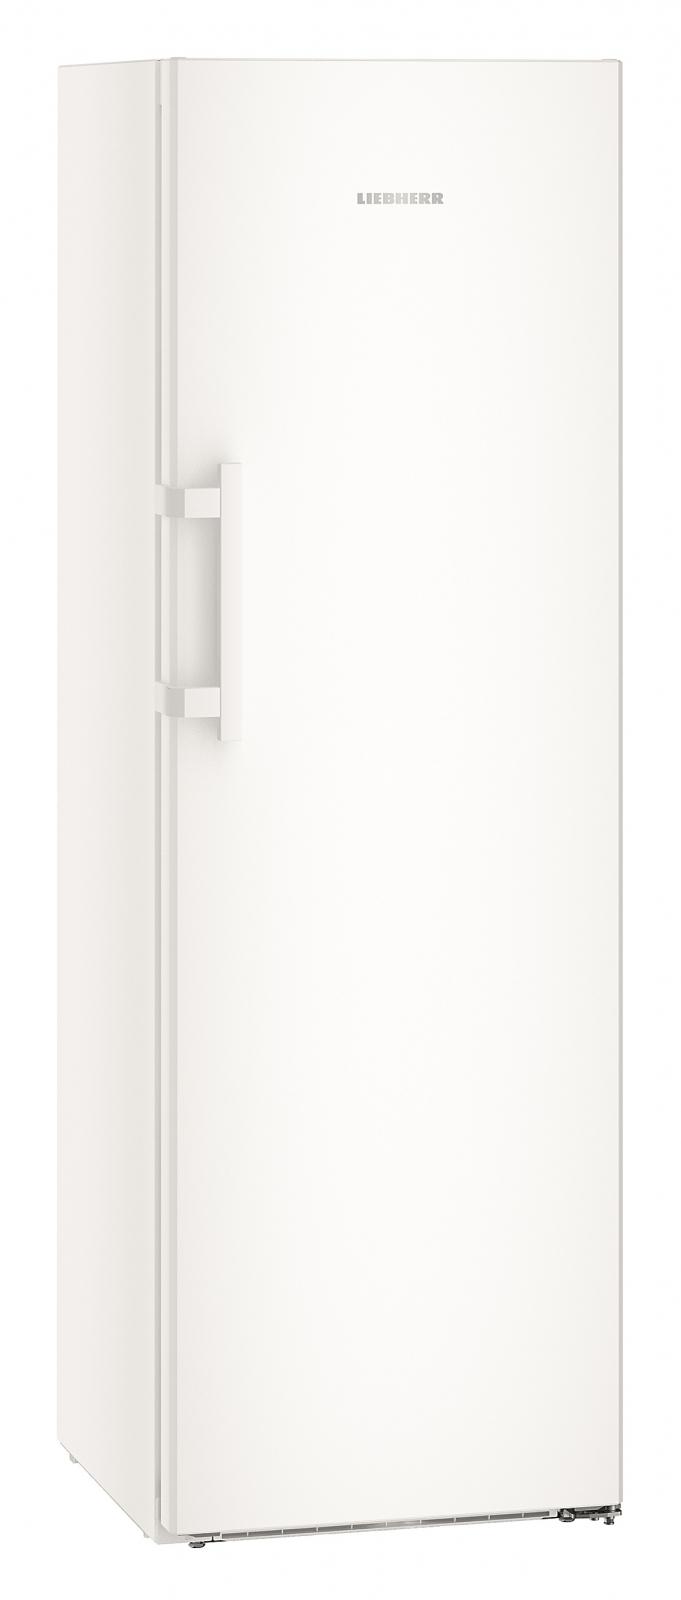 купить Однокамерный холодильник Liebherr KB 4350 Украина фото 2